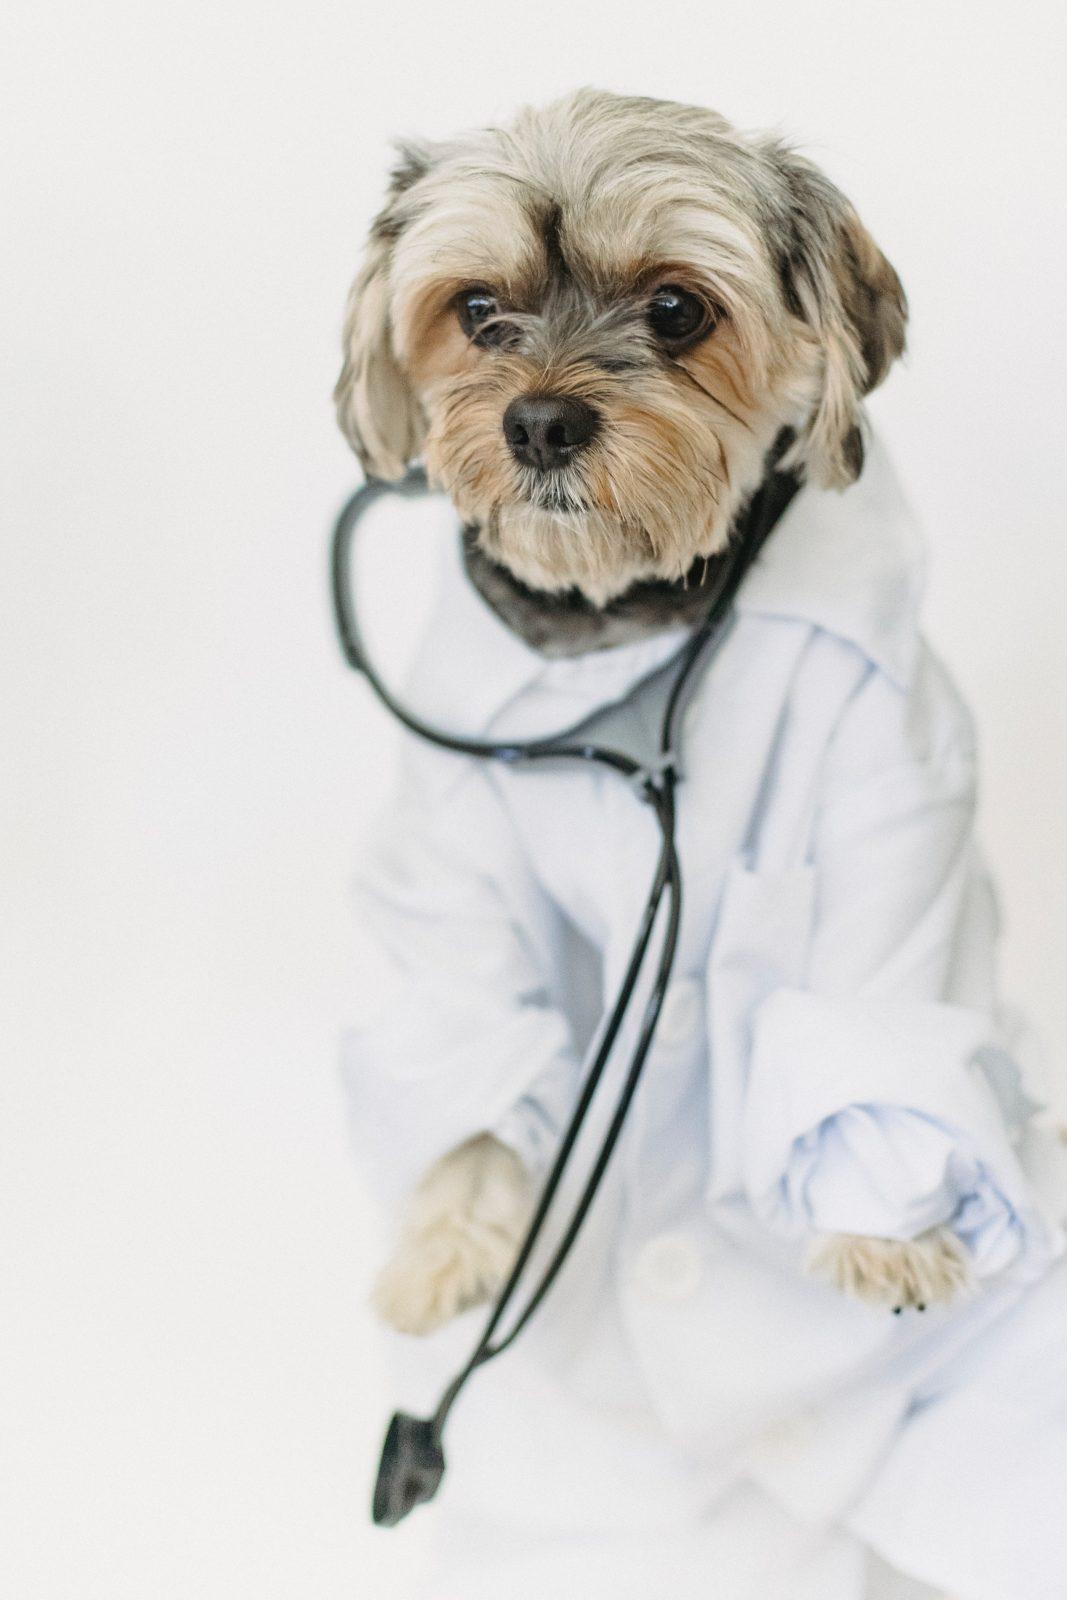 pexels sam lion 5732461 - Você já Ajudou a Vermifugar um Cão Carente Hoje?